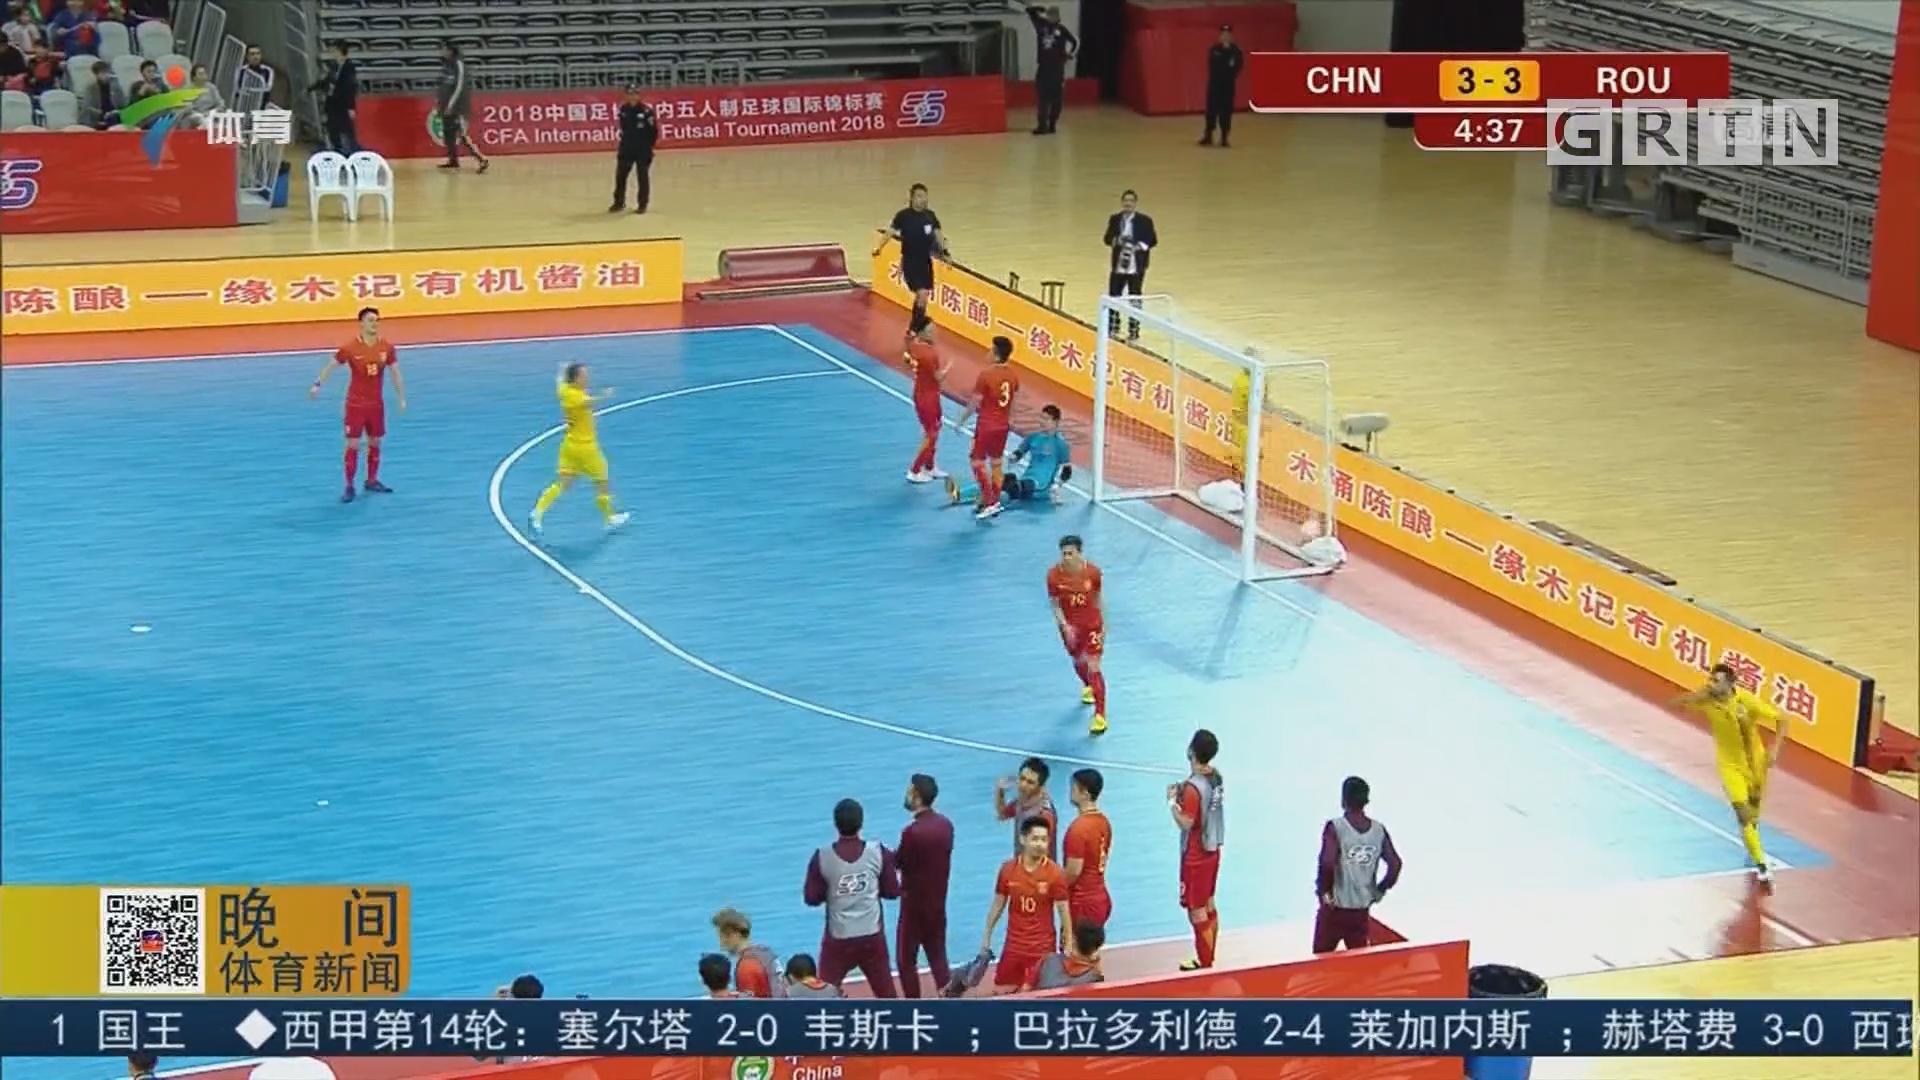 室内五人足球国际锦标赛 中国队三连败